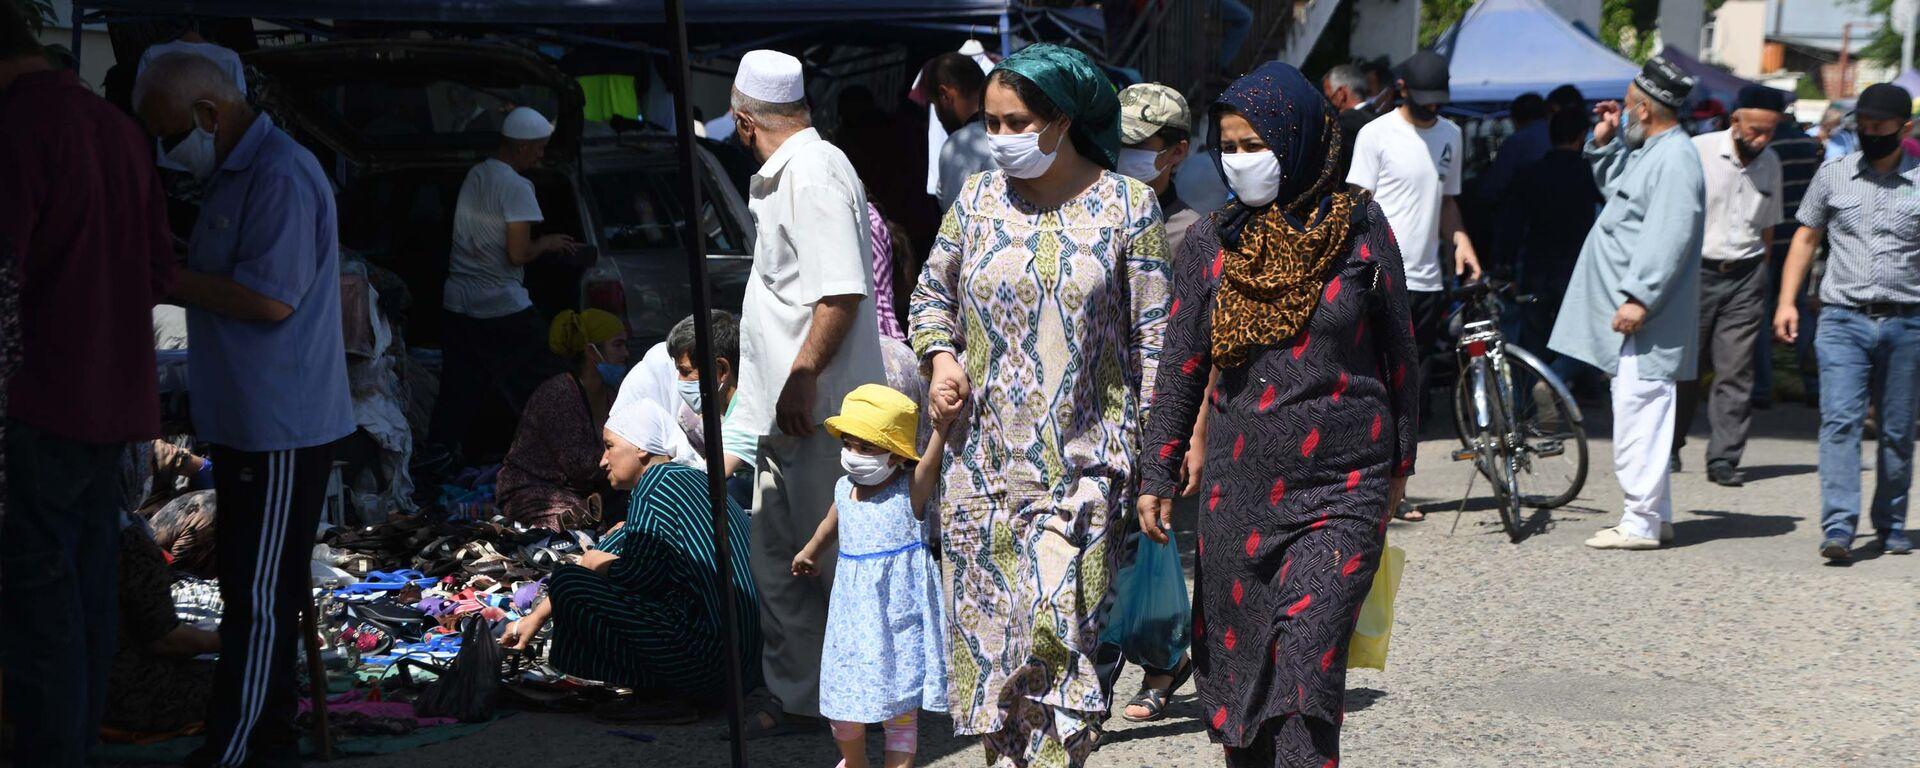 Люди в масках в городе Душанбе - Sputnik Таджикистан, 1920, 24.08.2021